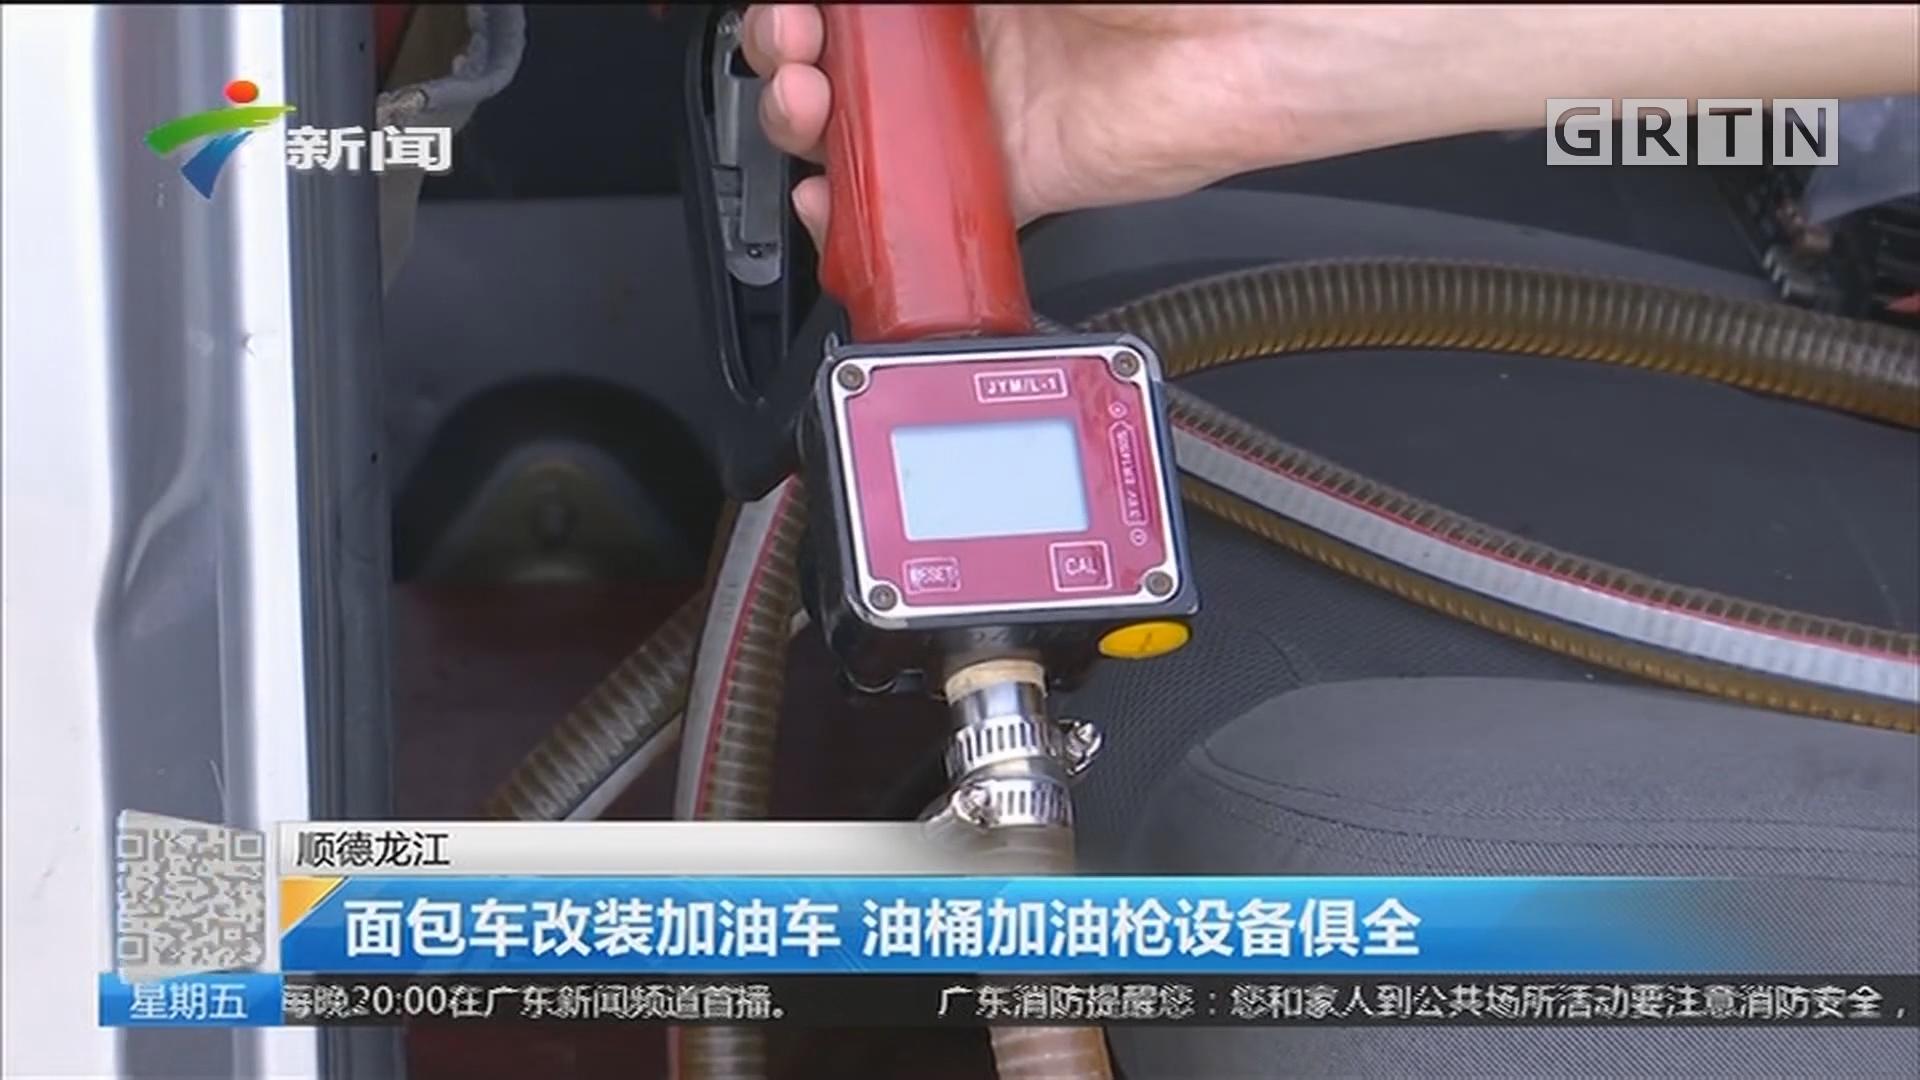 顺德龙江 面包车改装加油车 油桶加油枪设备俱全